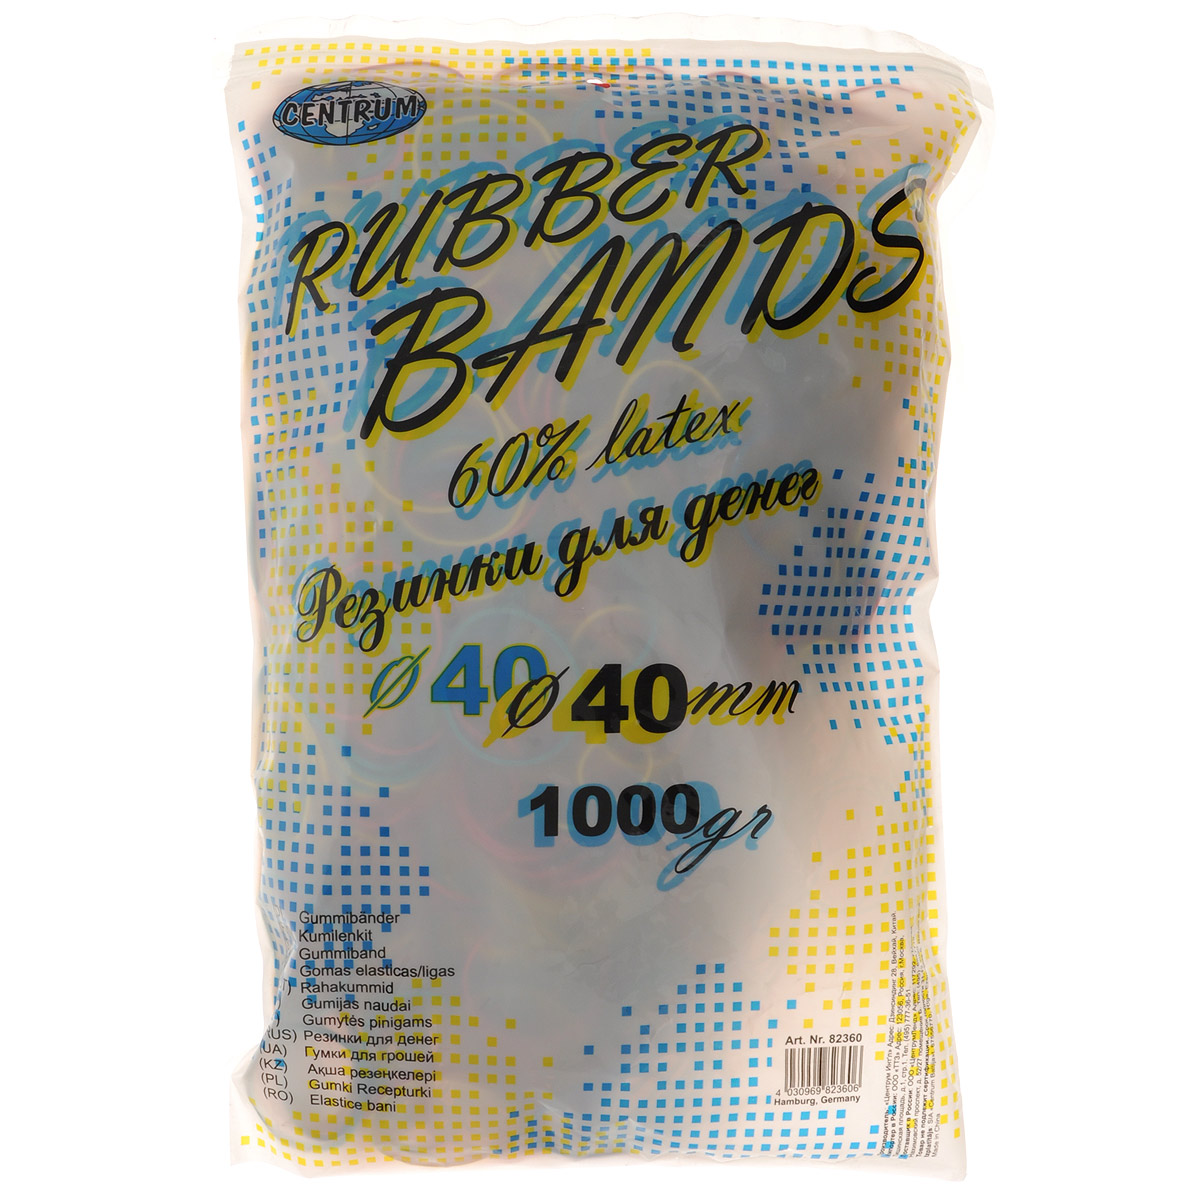 Резинки банковские Centrum, цветные, 4 см, 1000 г493003Банковские резинки Centrum предназначены для перетягивания денежных купюр, пакетов, пластиковых карт, бумаг и визиток. Они изготовлены из каучука с латексом, благодаря чему их не так легко порвать, даже если сильно растянуть.В комплекте резинки синего, желтого, красного и зеленого цветов.